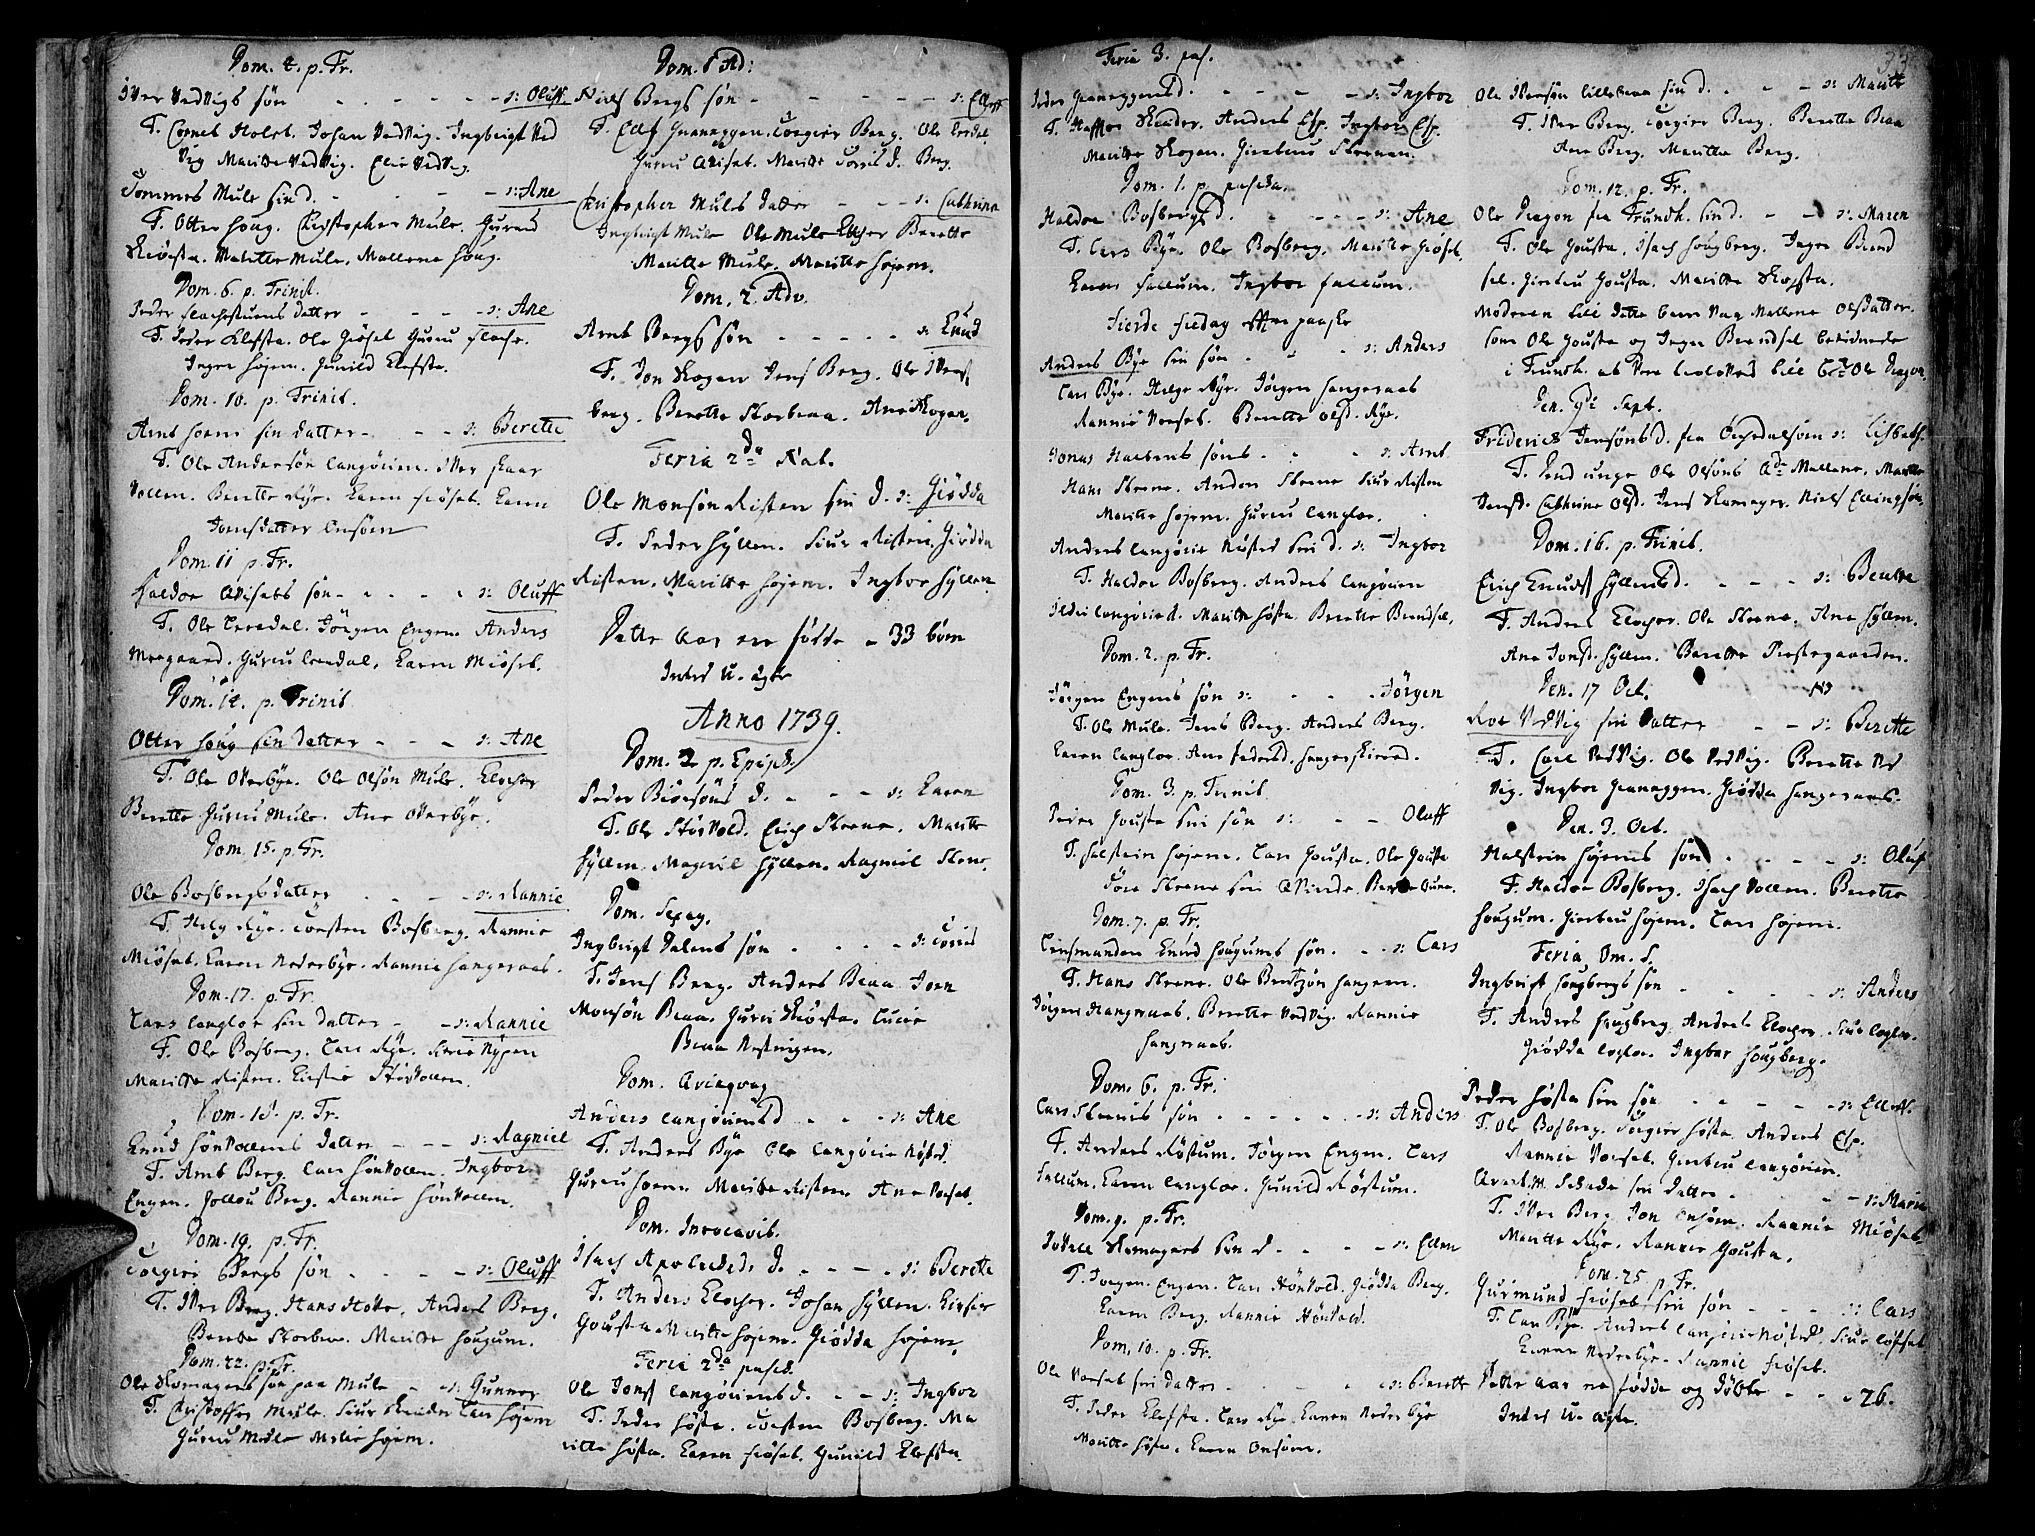 SAT, Ministerialprotokoller, klokkerbøker og fødselsregistre - Sør-Trøndelag, 612/L0368: Ministerialbok nr. 612A02, 1702-1753, s. 33